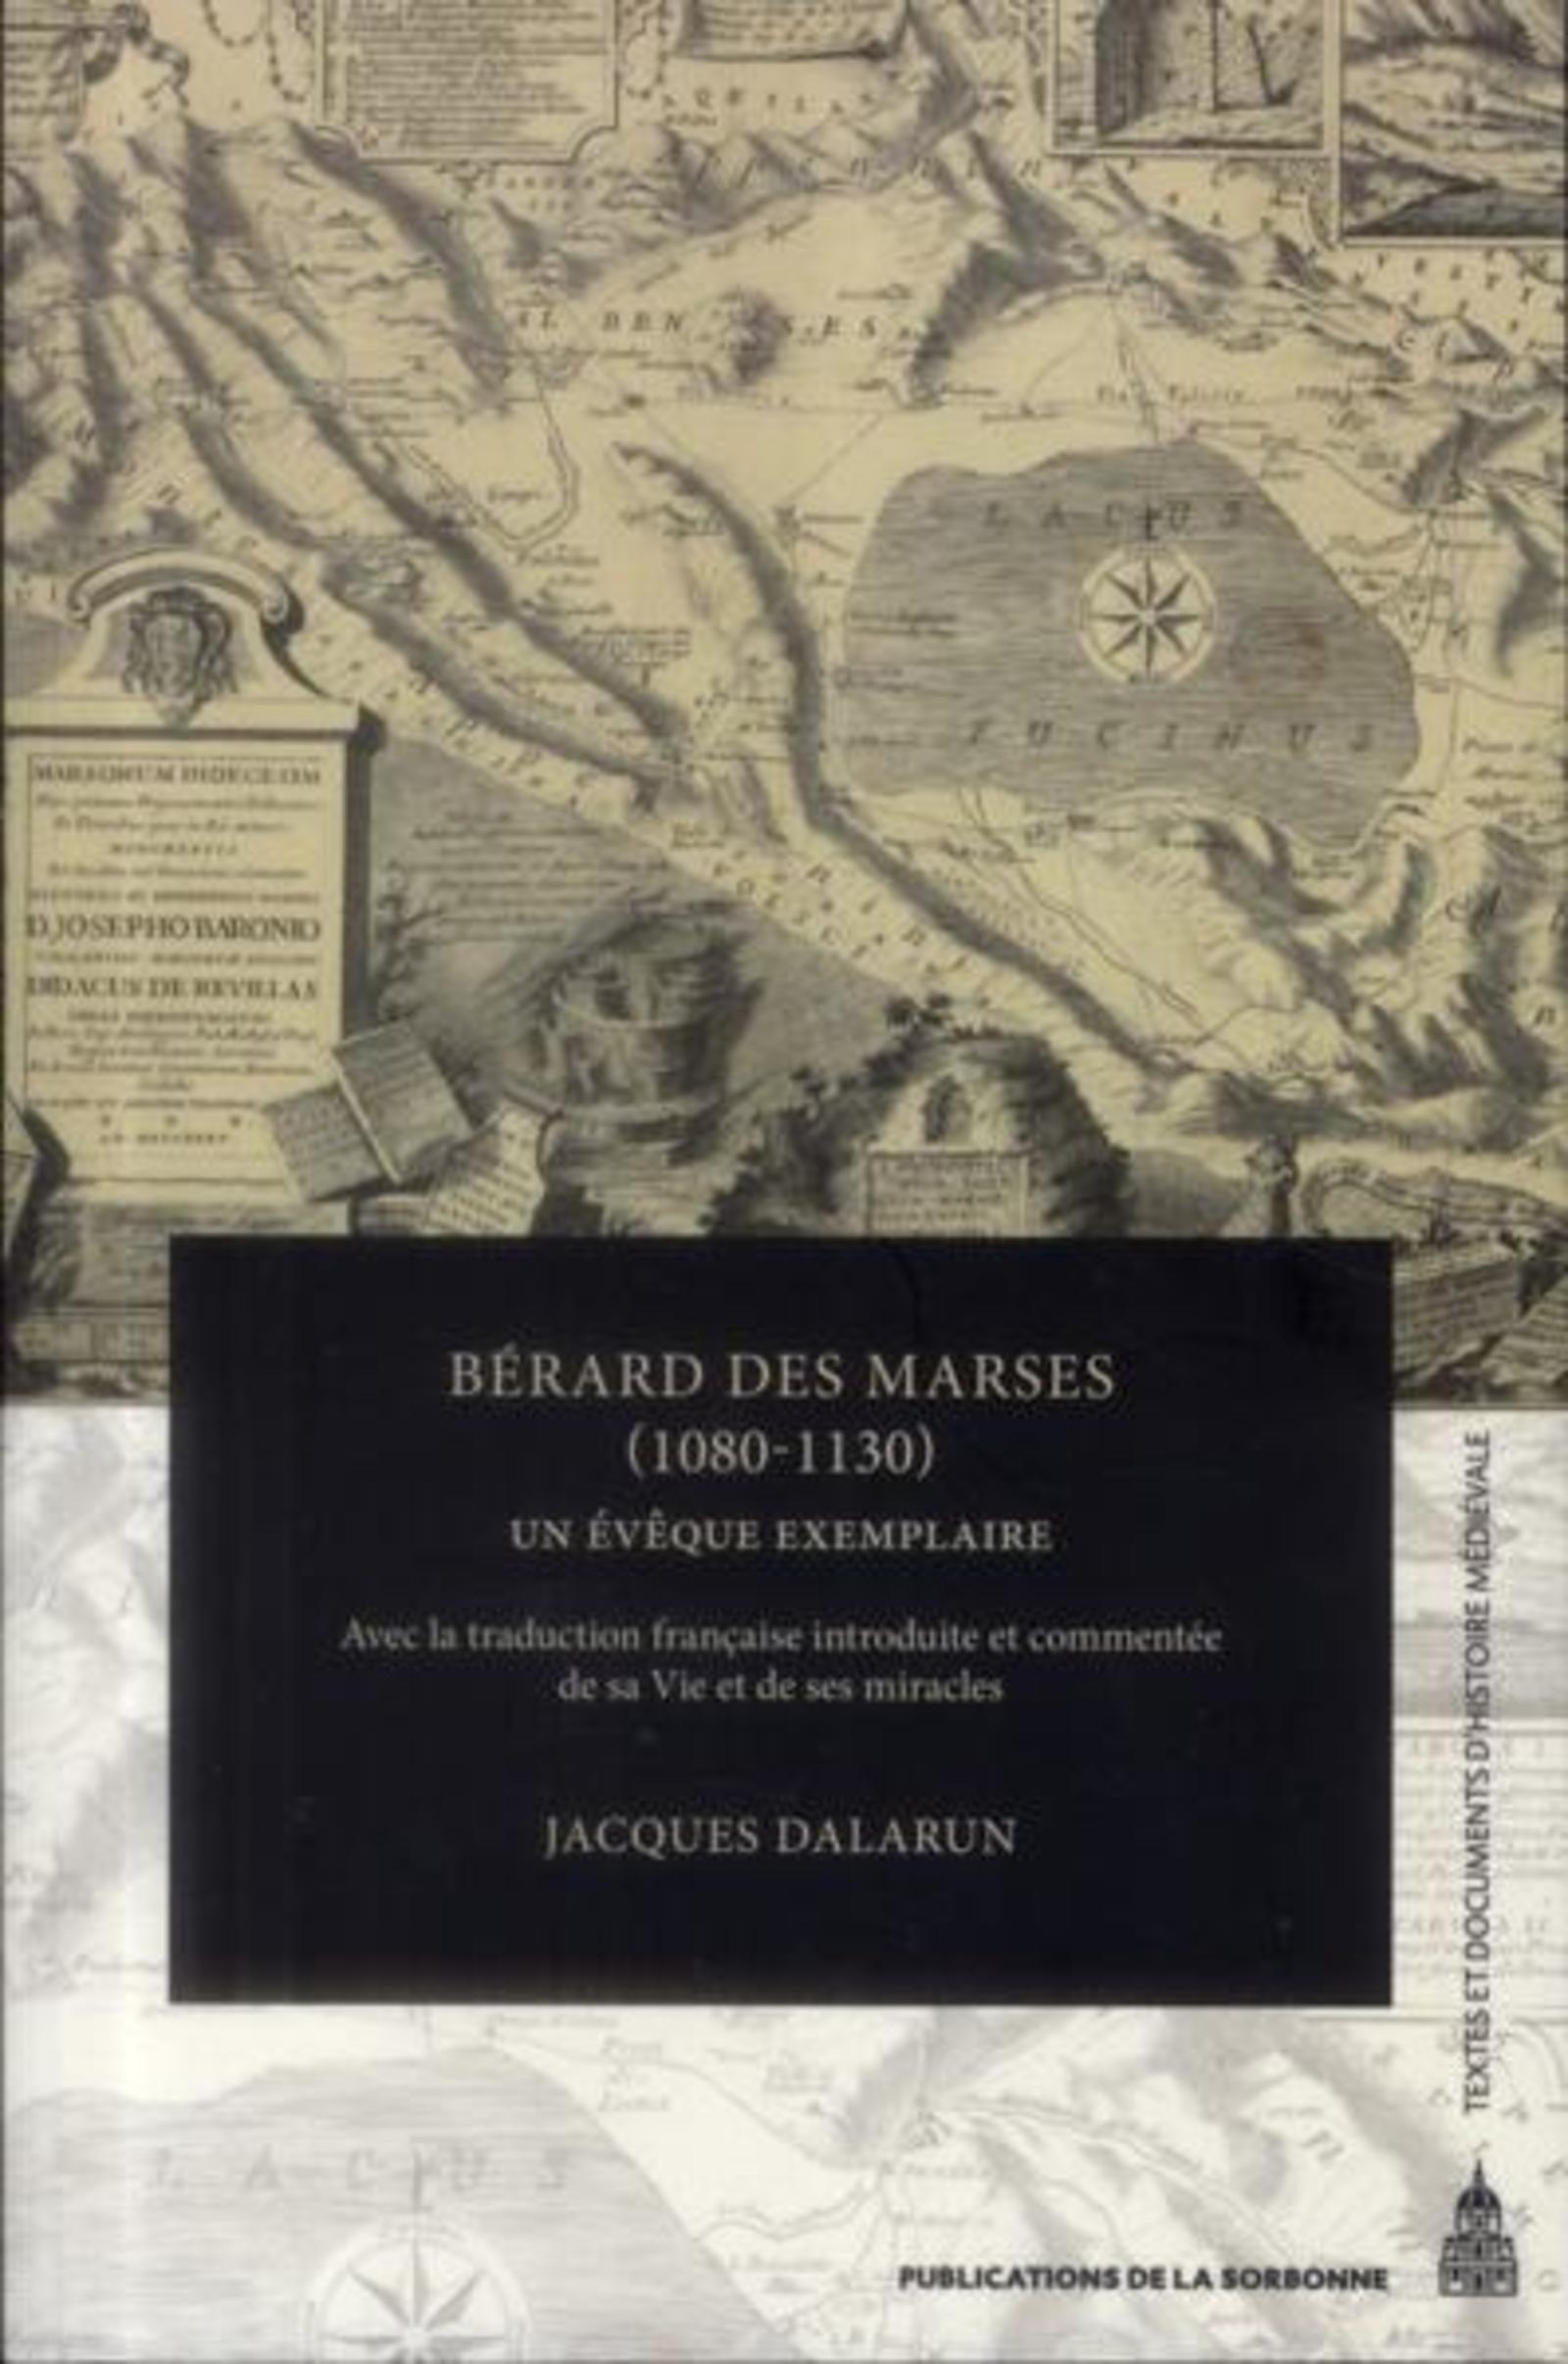 BERARD DES MARSES 1080 1130